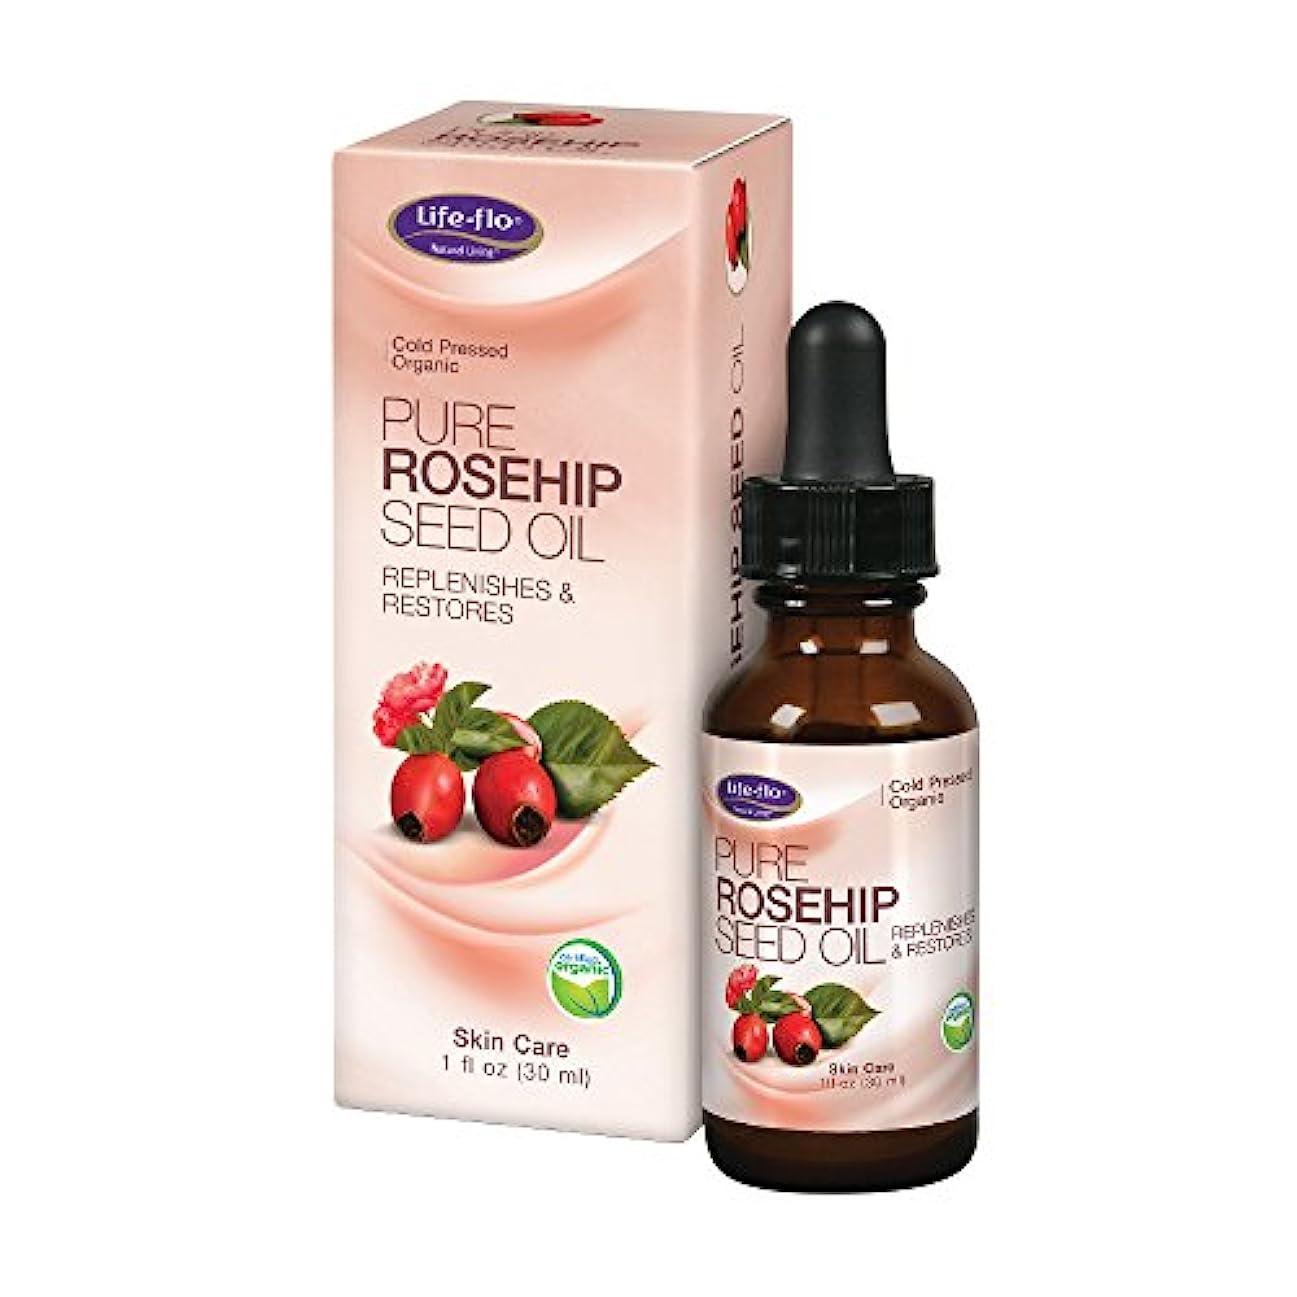 ベアリングサークルトマトウェブ海外直送品 Life-Flo Pure Rosehip Seed Oil, 1 oz